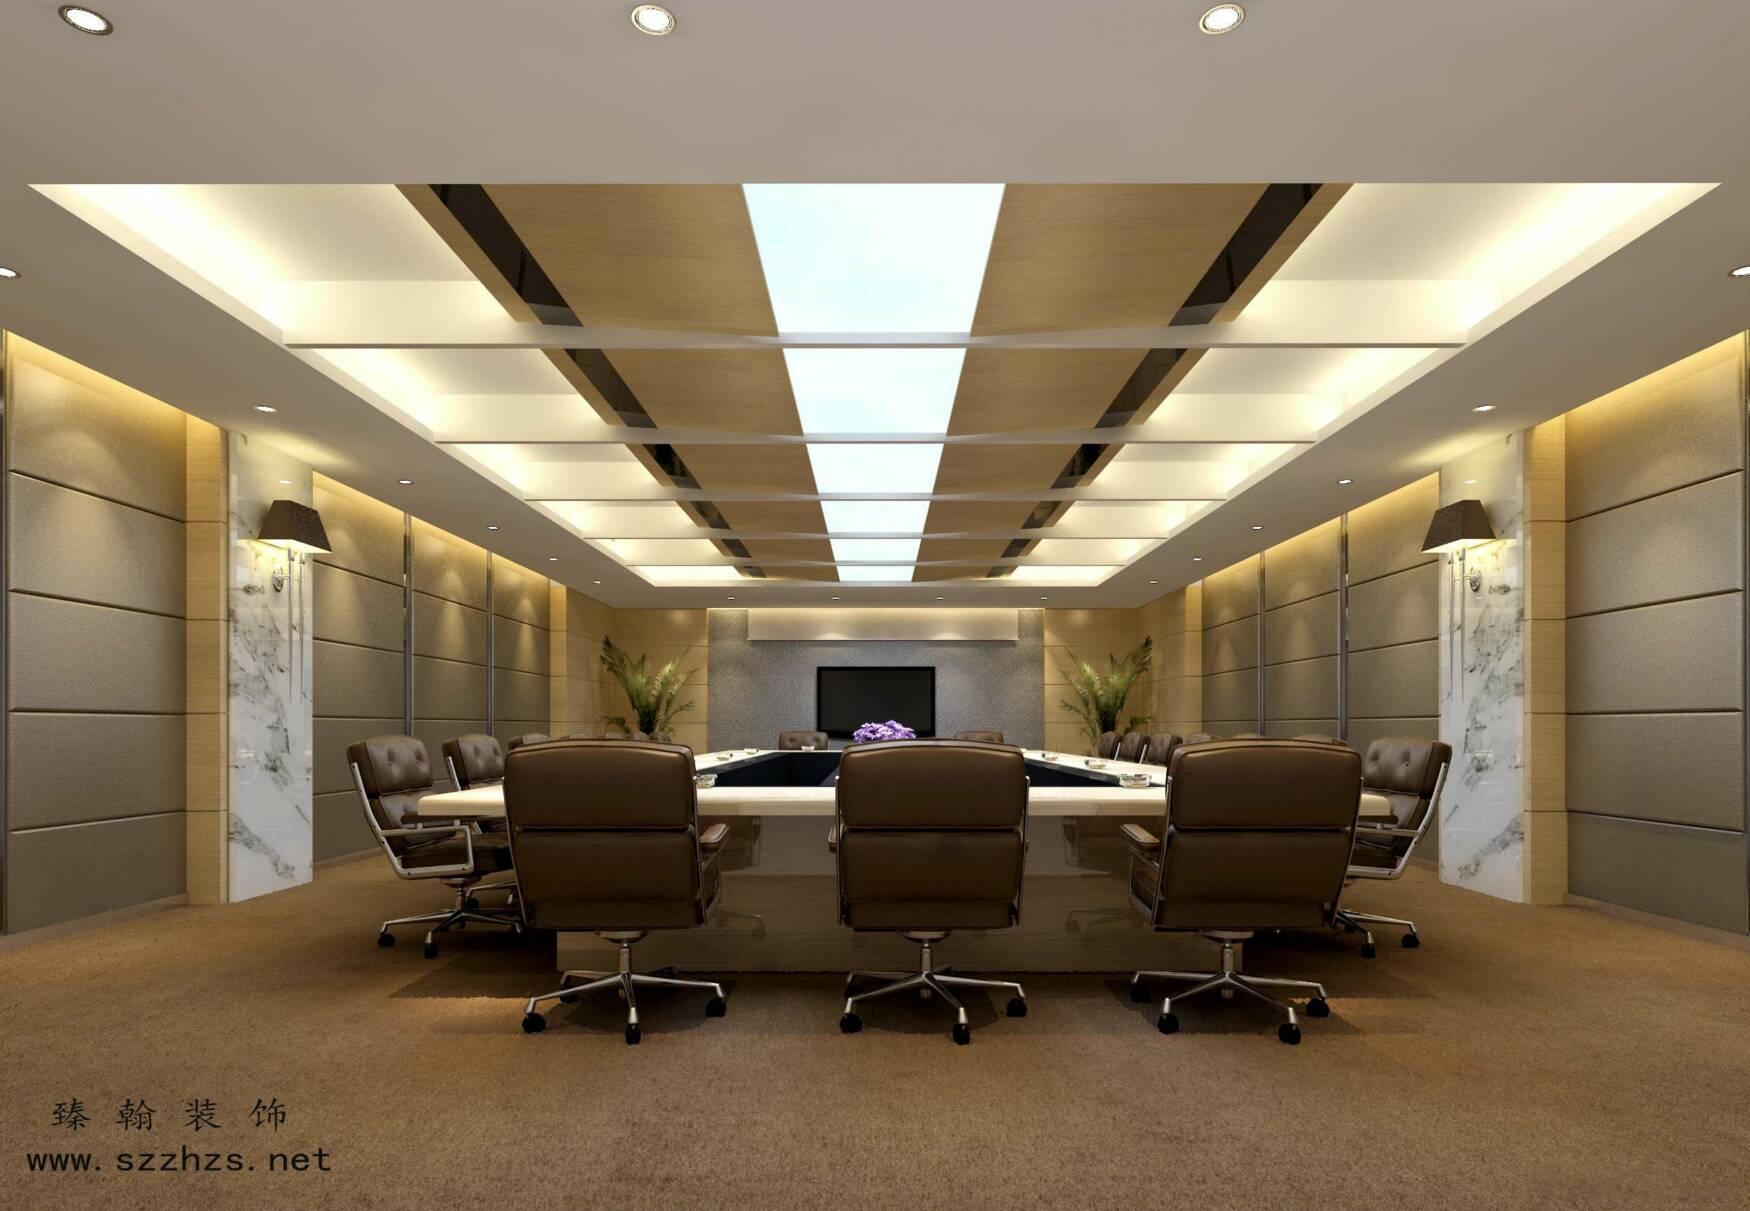 办公室设计中灯具的选用原则